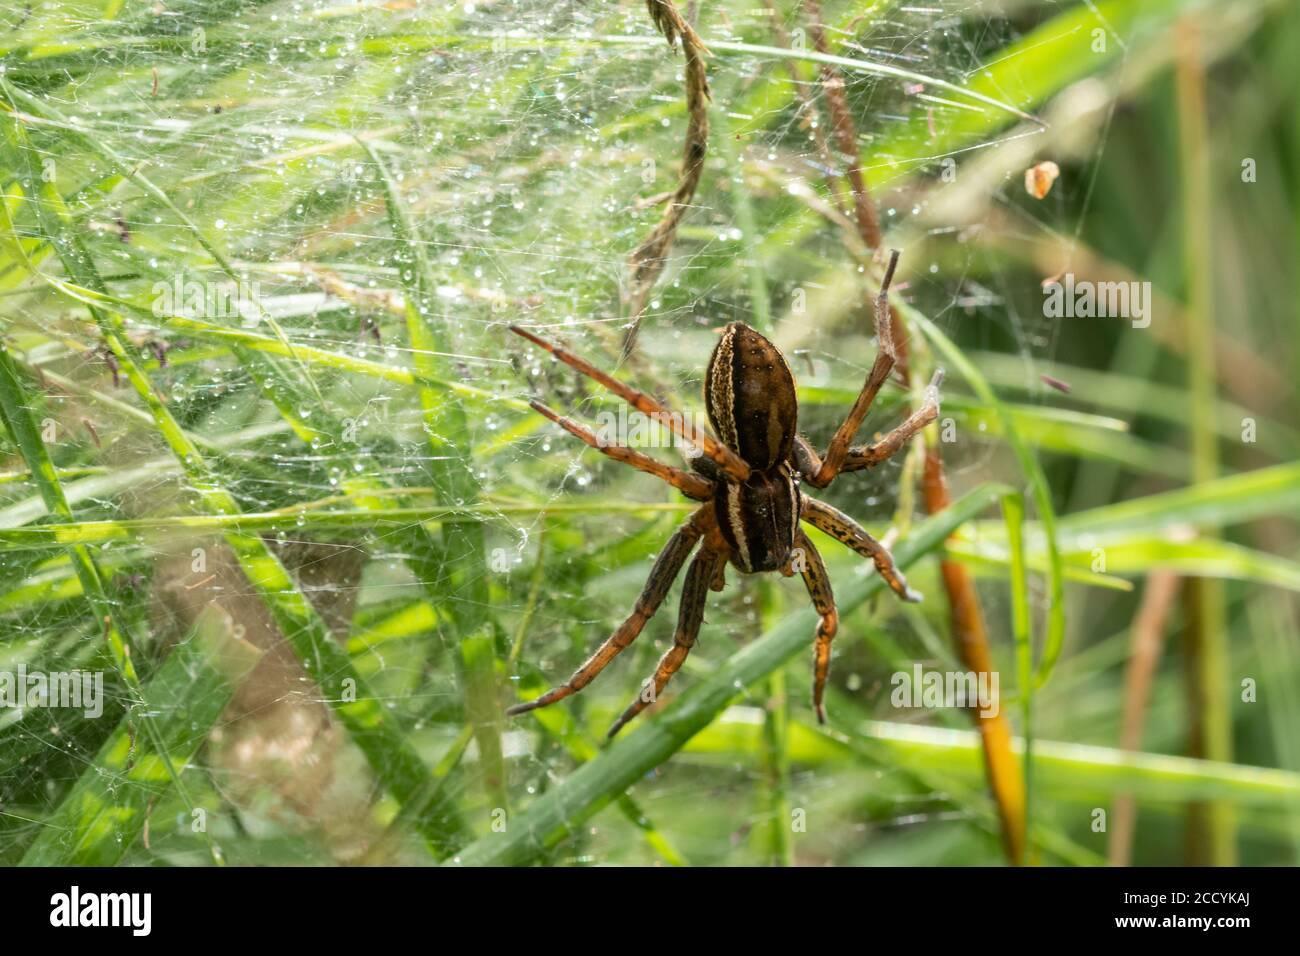 Araignée radeau femelle (Dolomedes fimbriatus) sur une toile ou un nid nursey, au Royaume-Uni, en août Banque D'Images